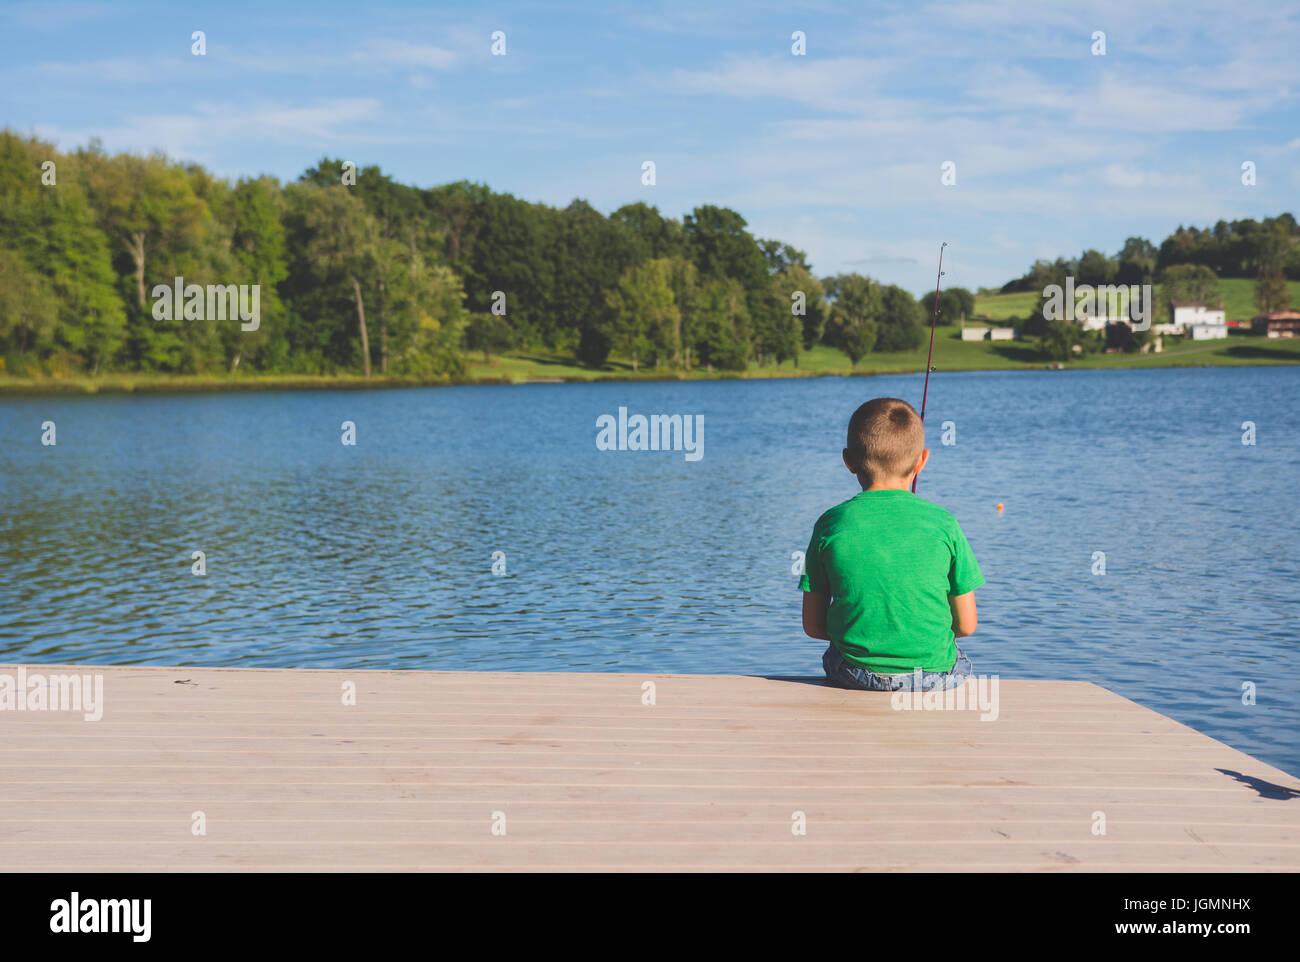 Un bambino la pesca su un dock presso uno stagno in una zona rurale. Immagini Stock